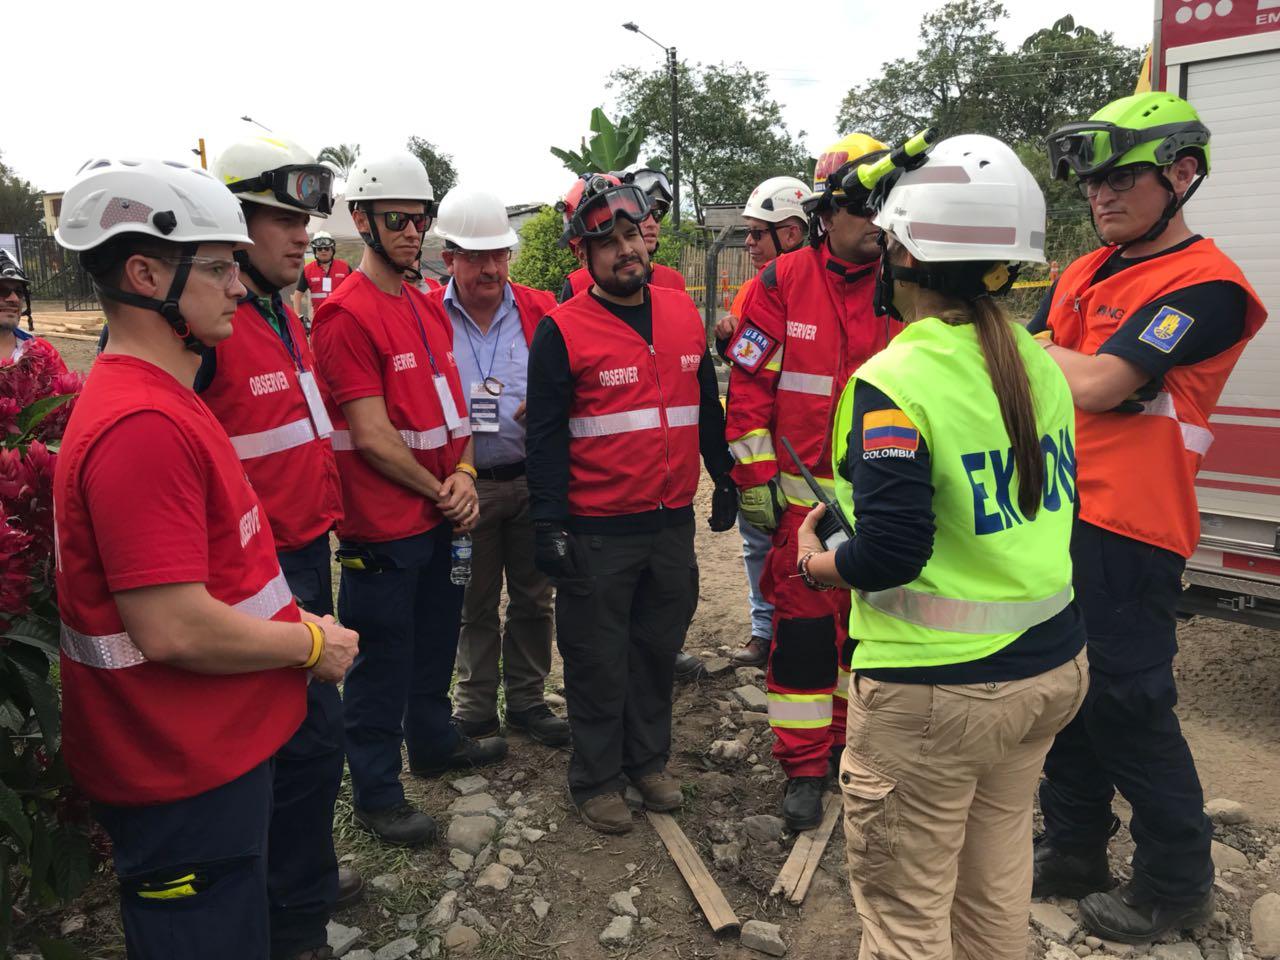 Emergencias más recurrentes, clima extremo e inversión en gestión del riesgo,  temas clave en la PR18 Cartagena